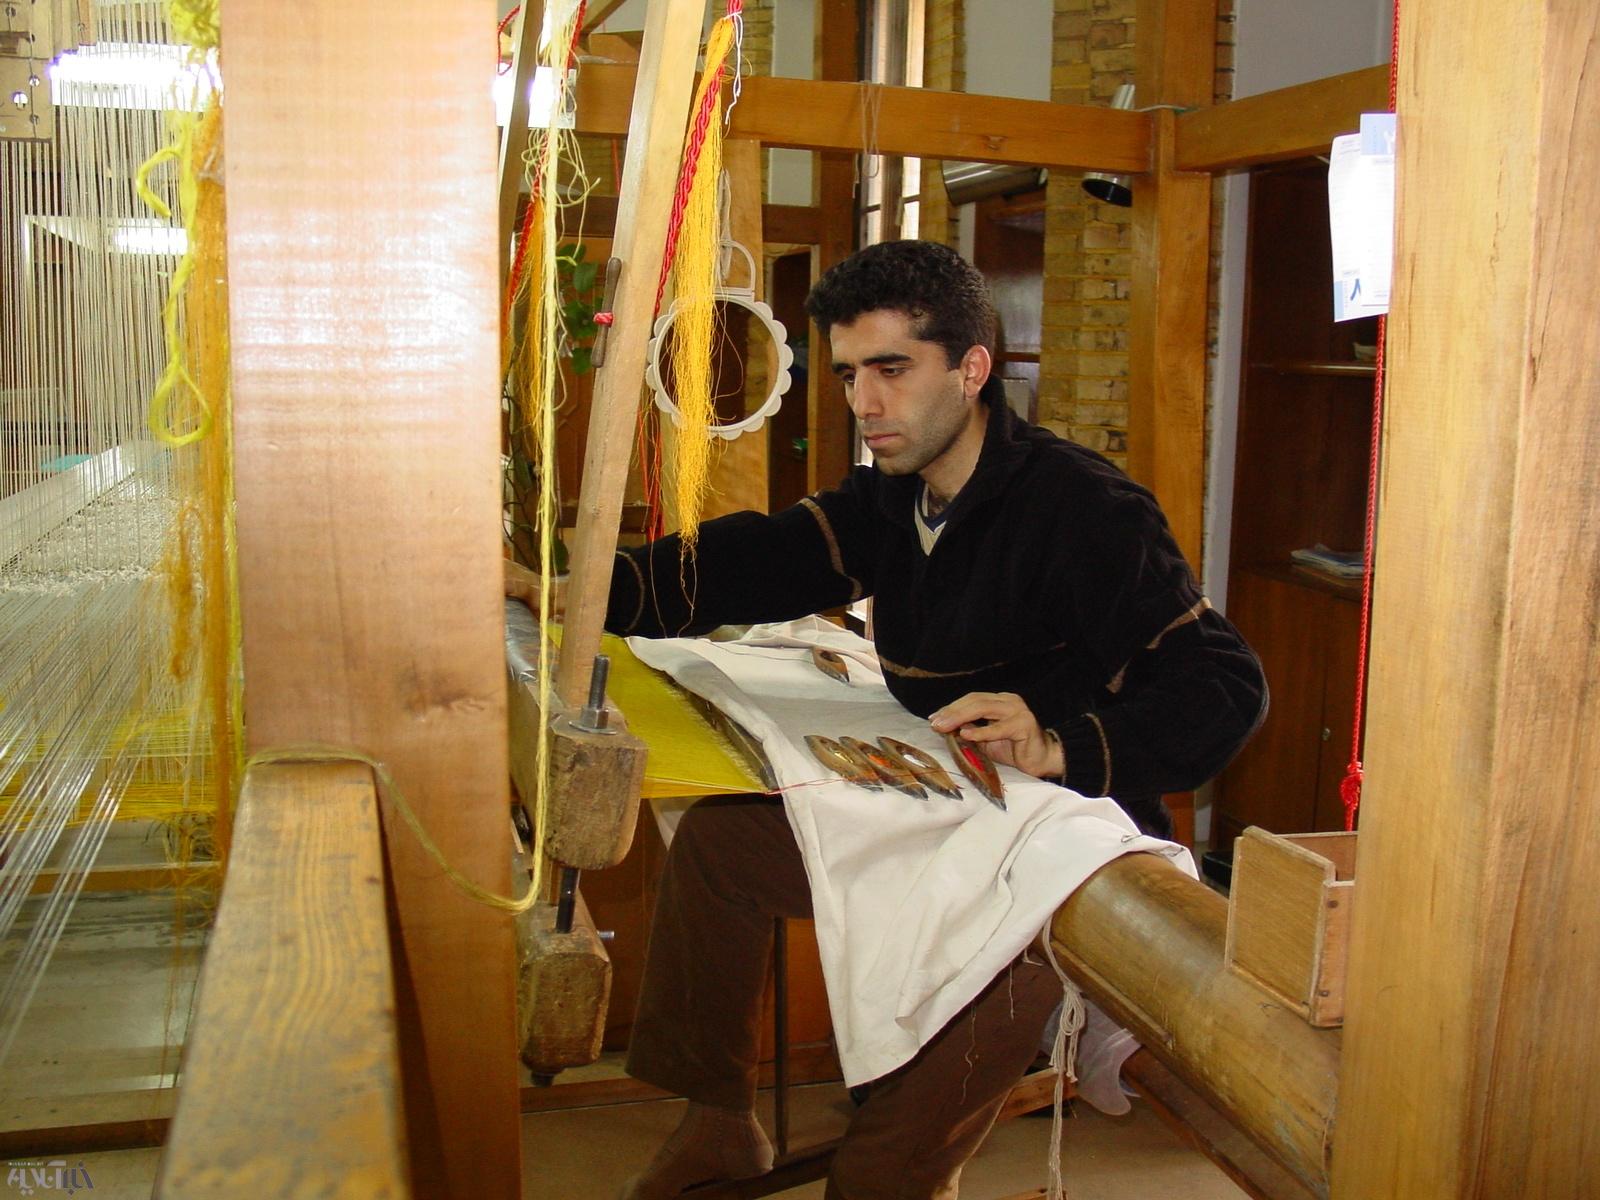 پارچه زربافت ایرانی موزه متروپولیتین آمریکا در ایران احیا می شود